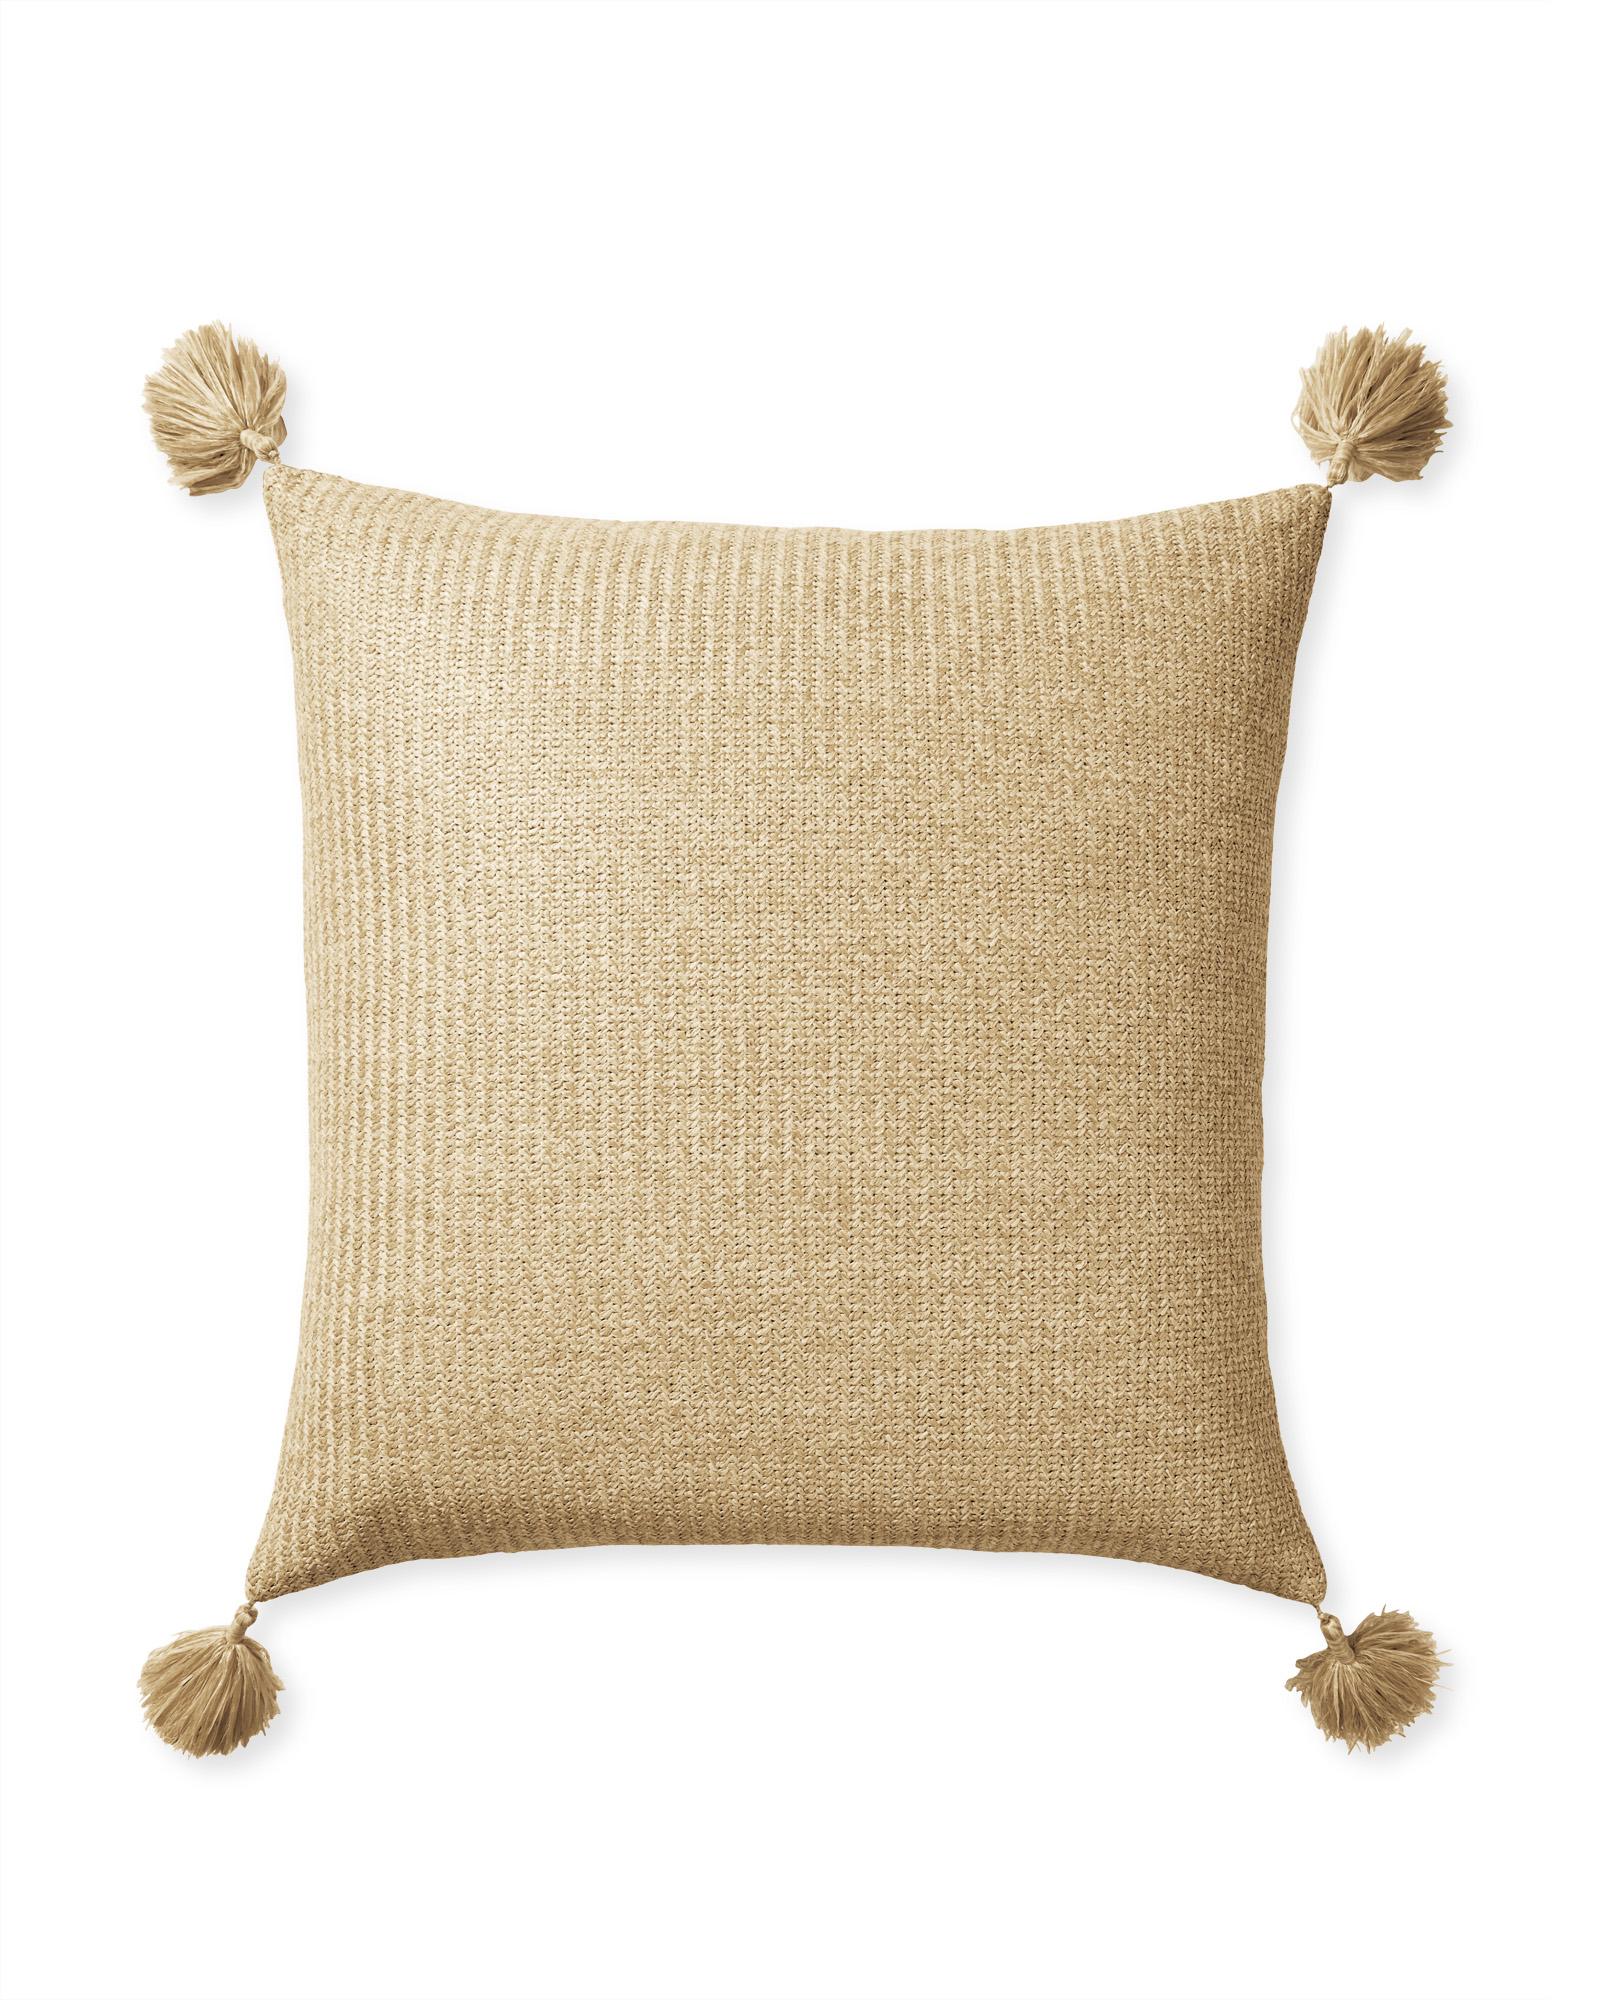 natural outdoor pillow